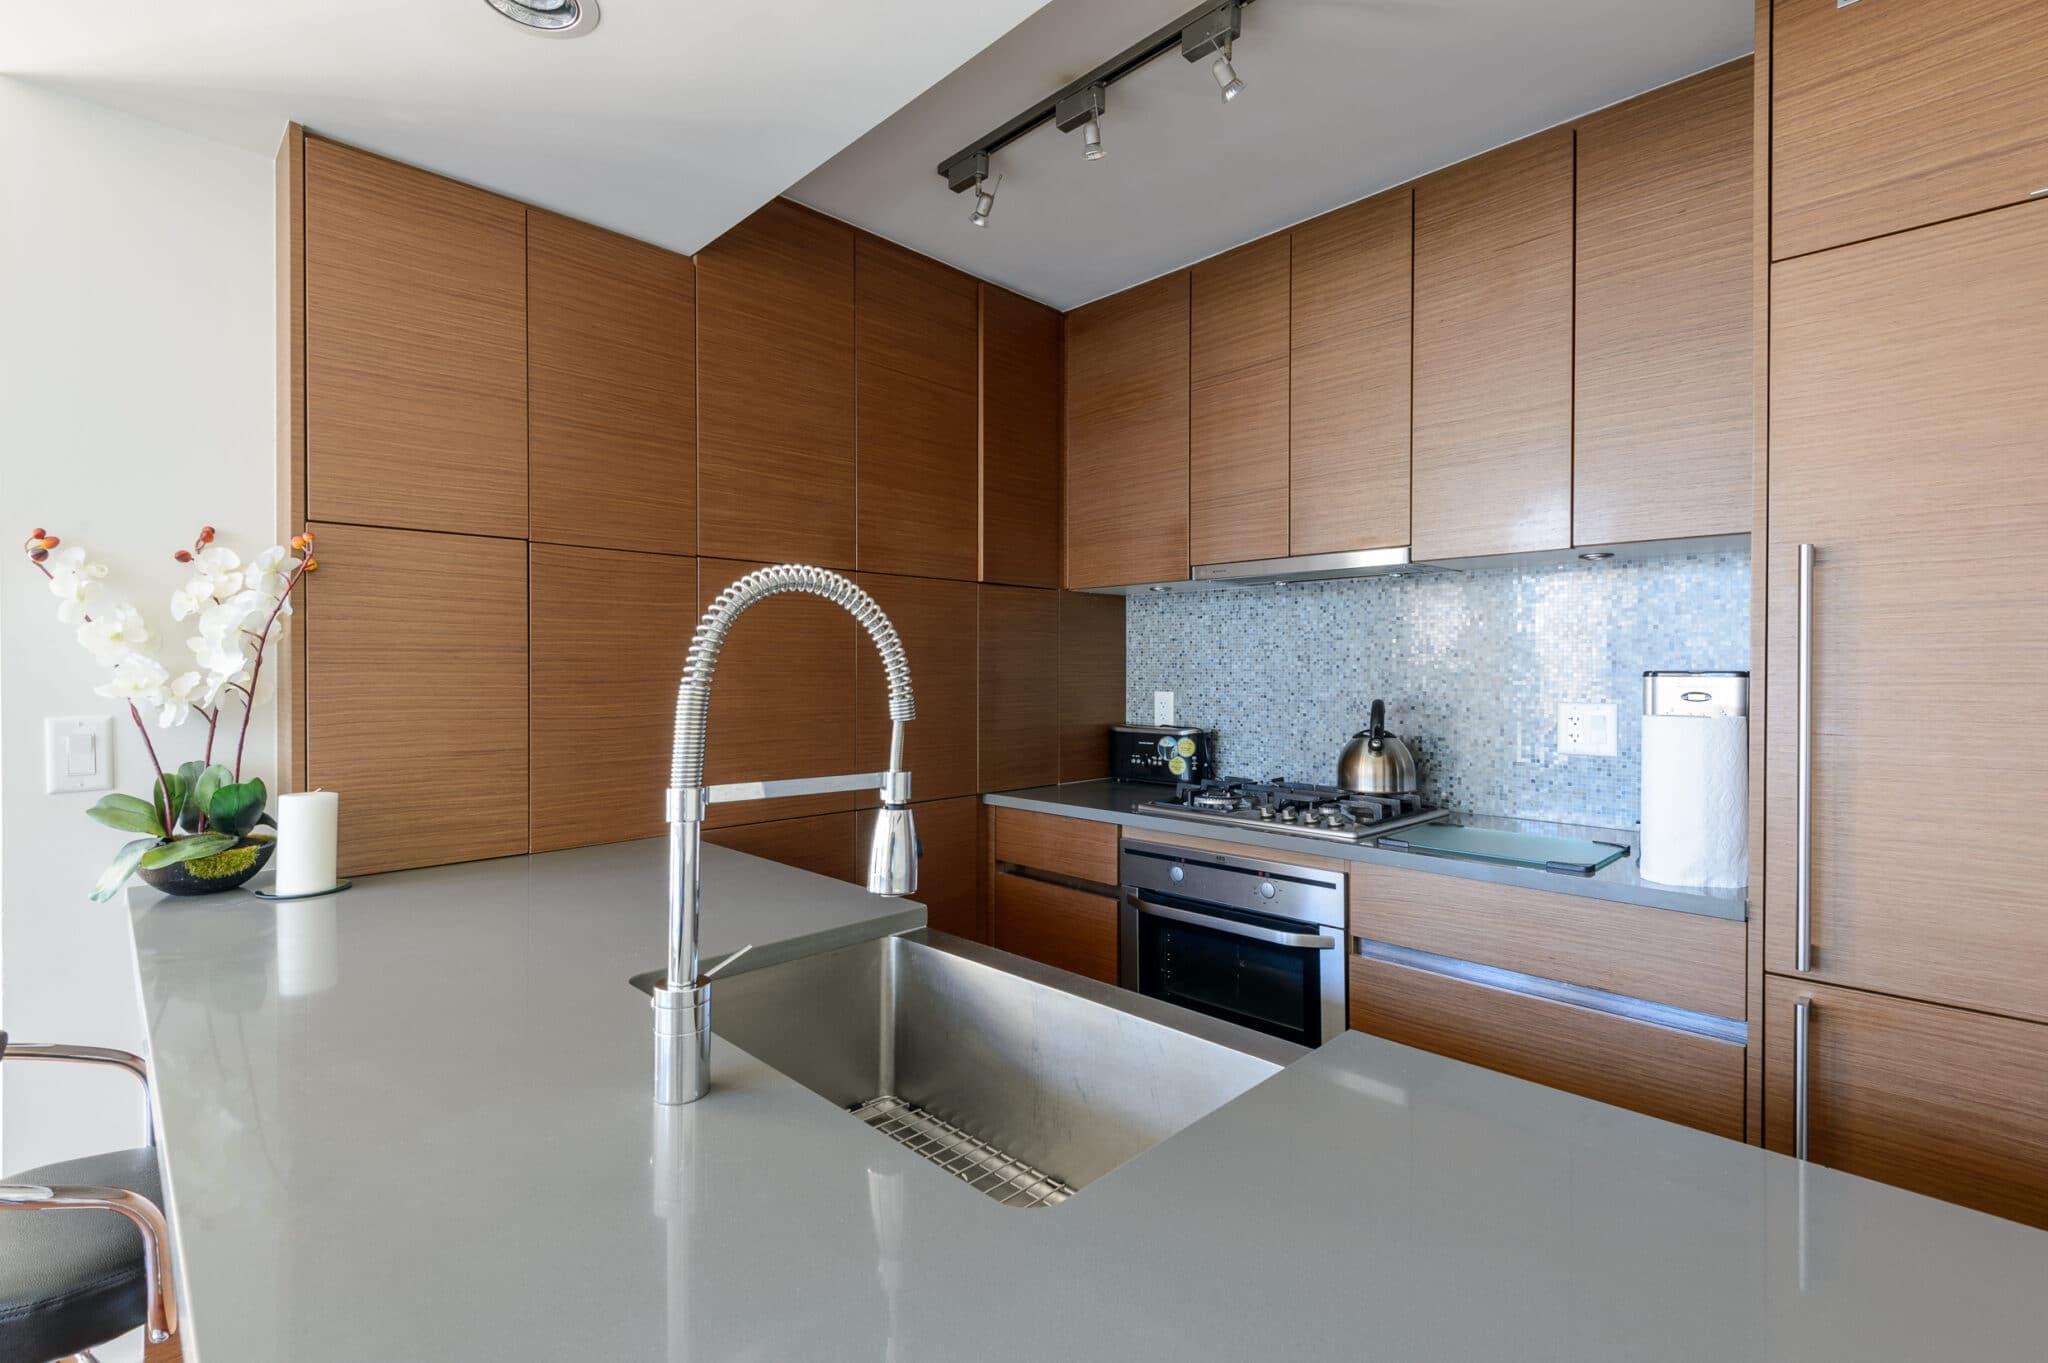 מטבחים מעץ רשת לעיצוב וייצור מטבחים מודרניים מקצועיים עם רצון לתת שירות טוב ומקצועי שיודעים לבנות ולהתאים מטבחים במקביל לשימוש בחומרים מעולים